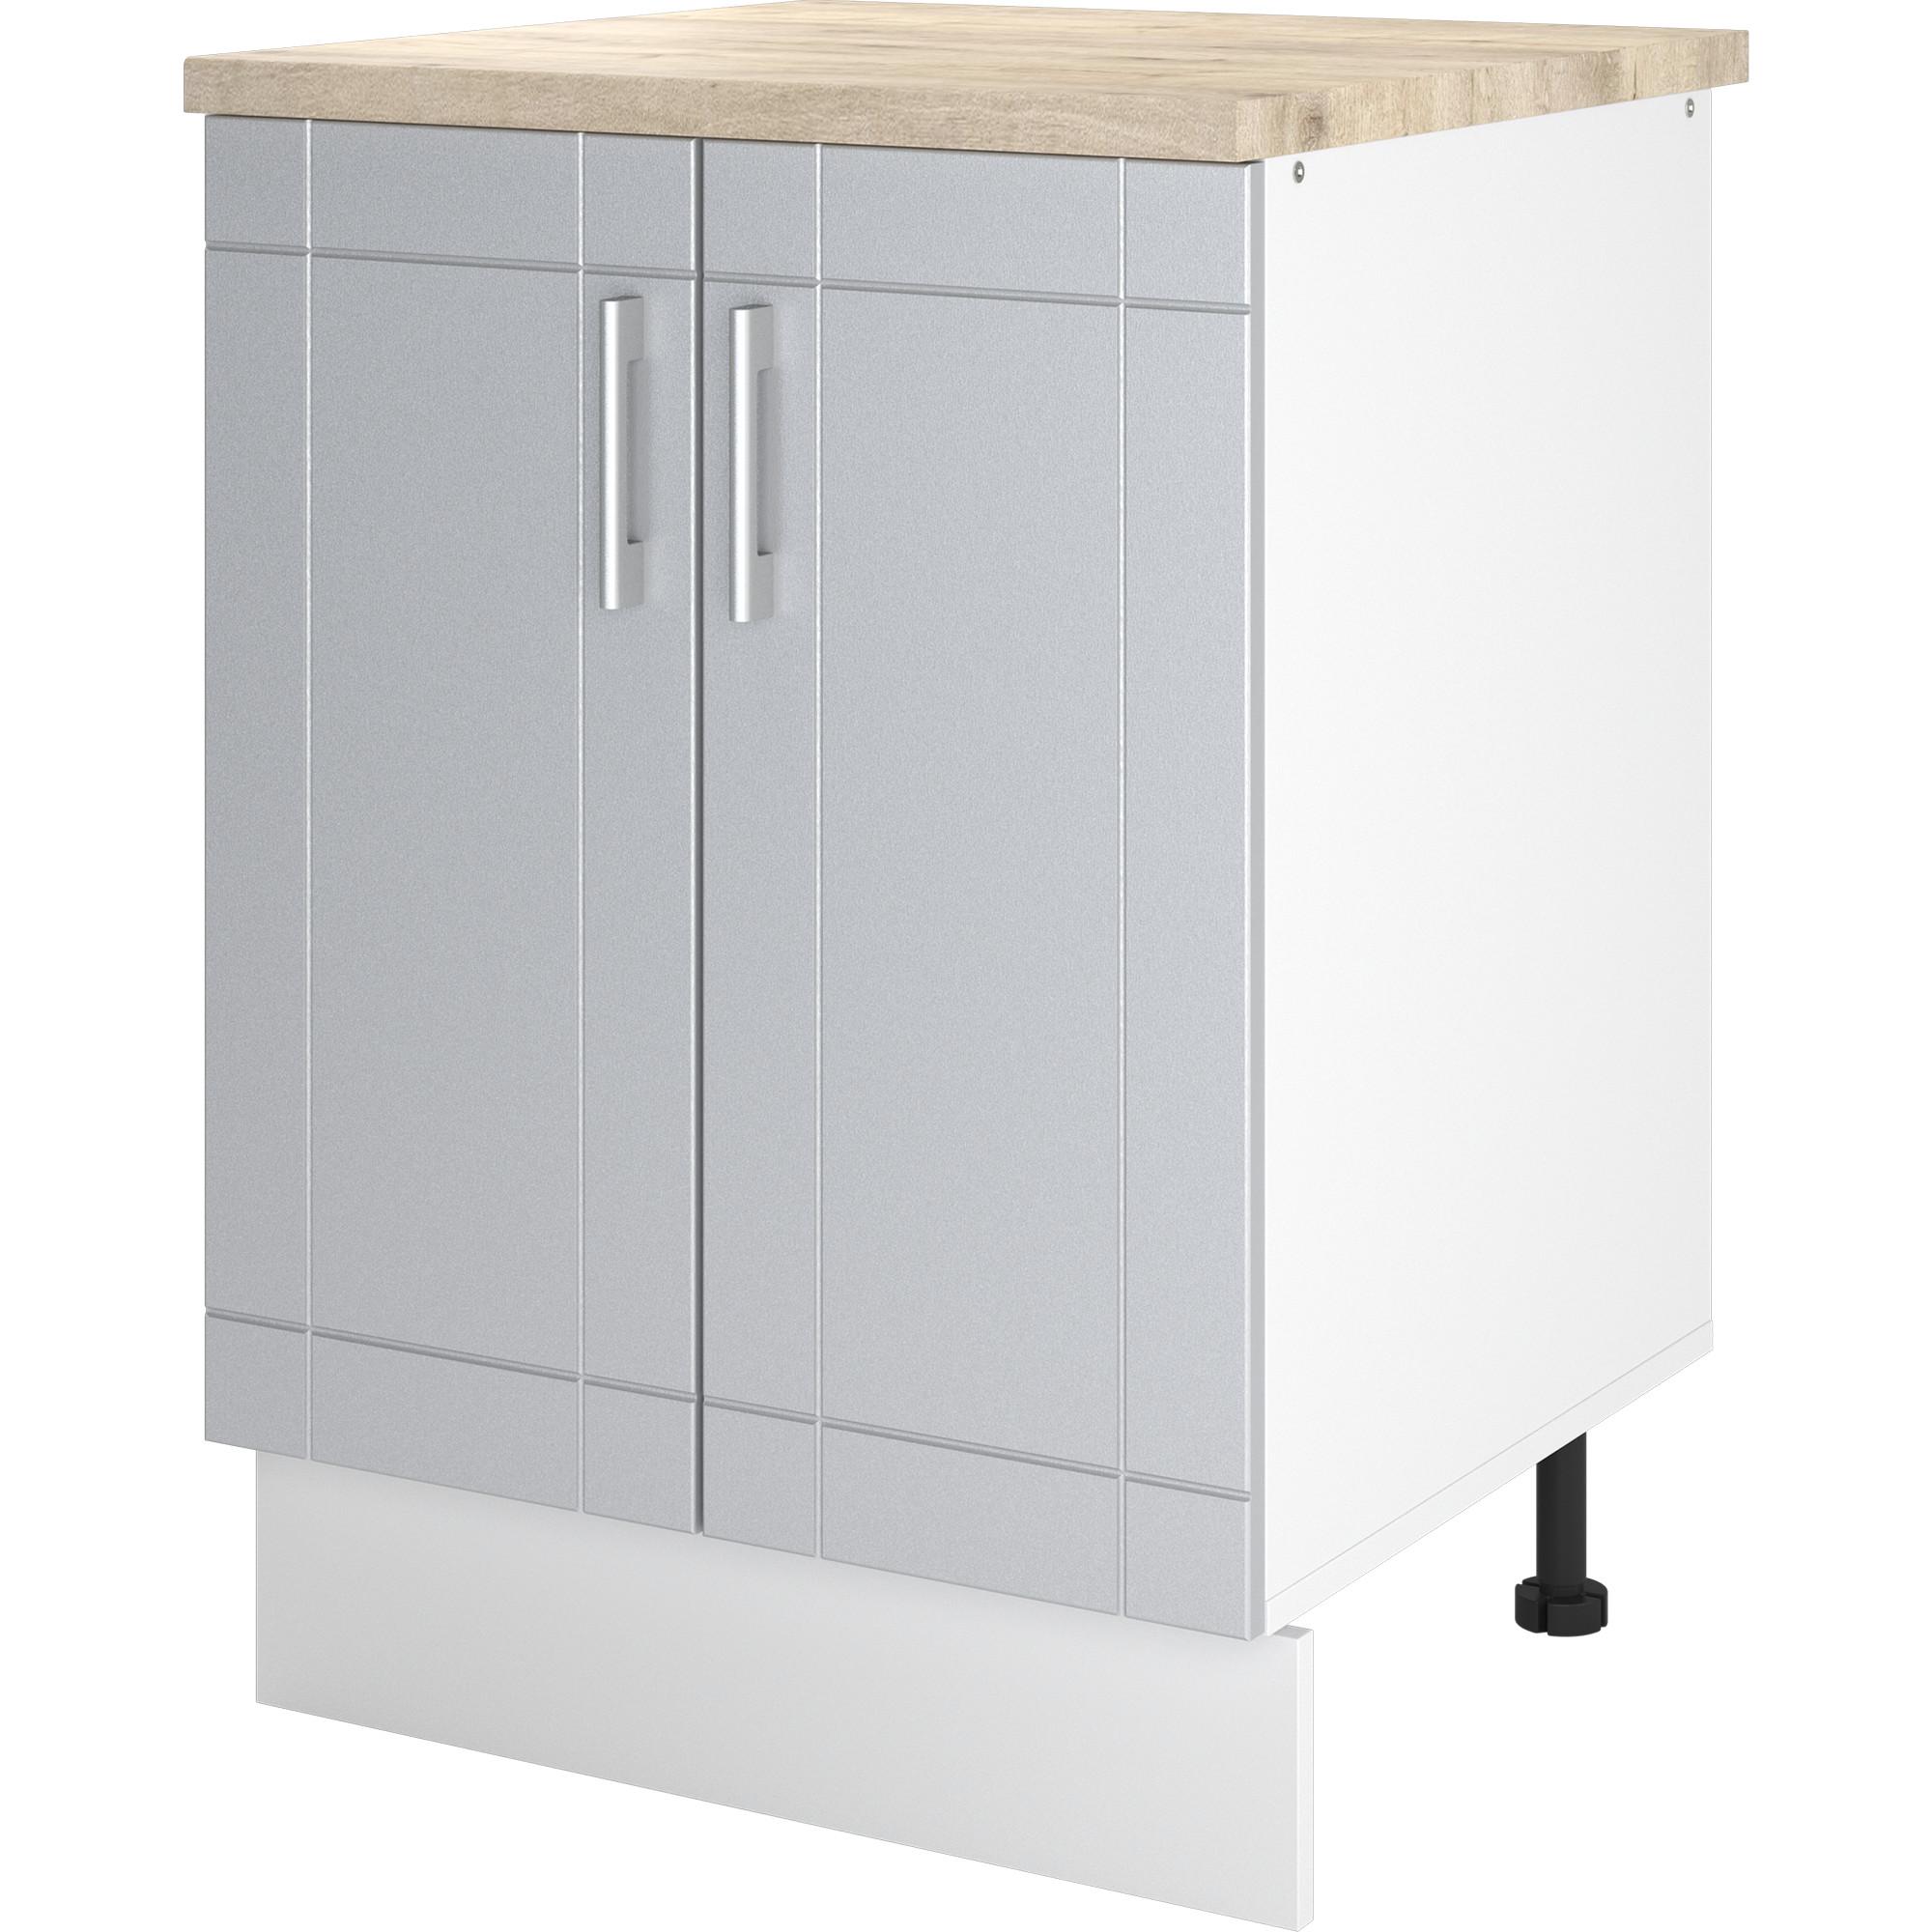 """Шкаф напольный """"Тортора"""" 60x84x60 см, МДФ, цвет серый"""